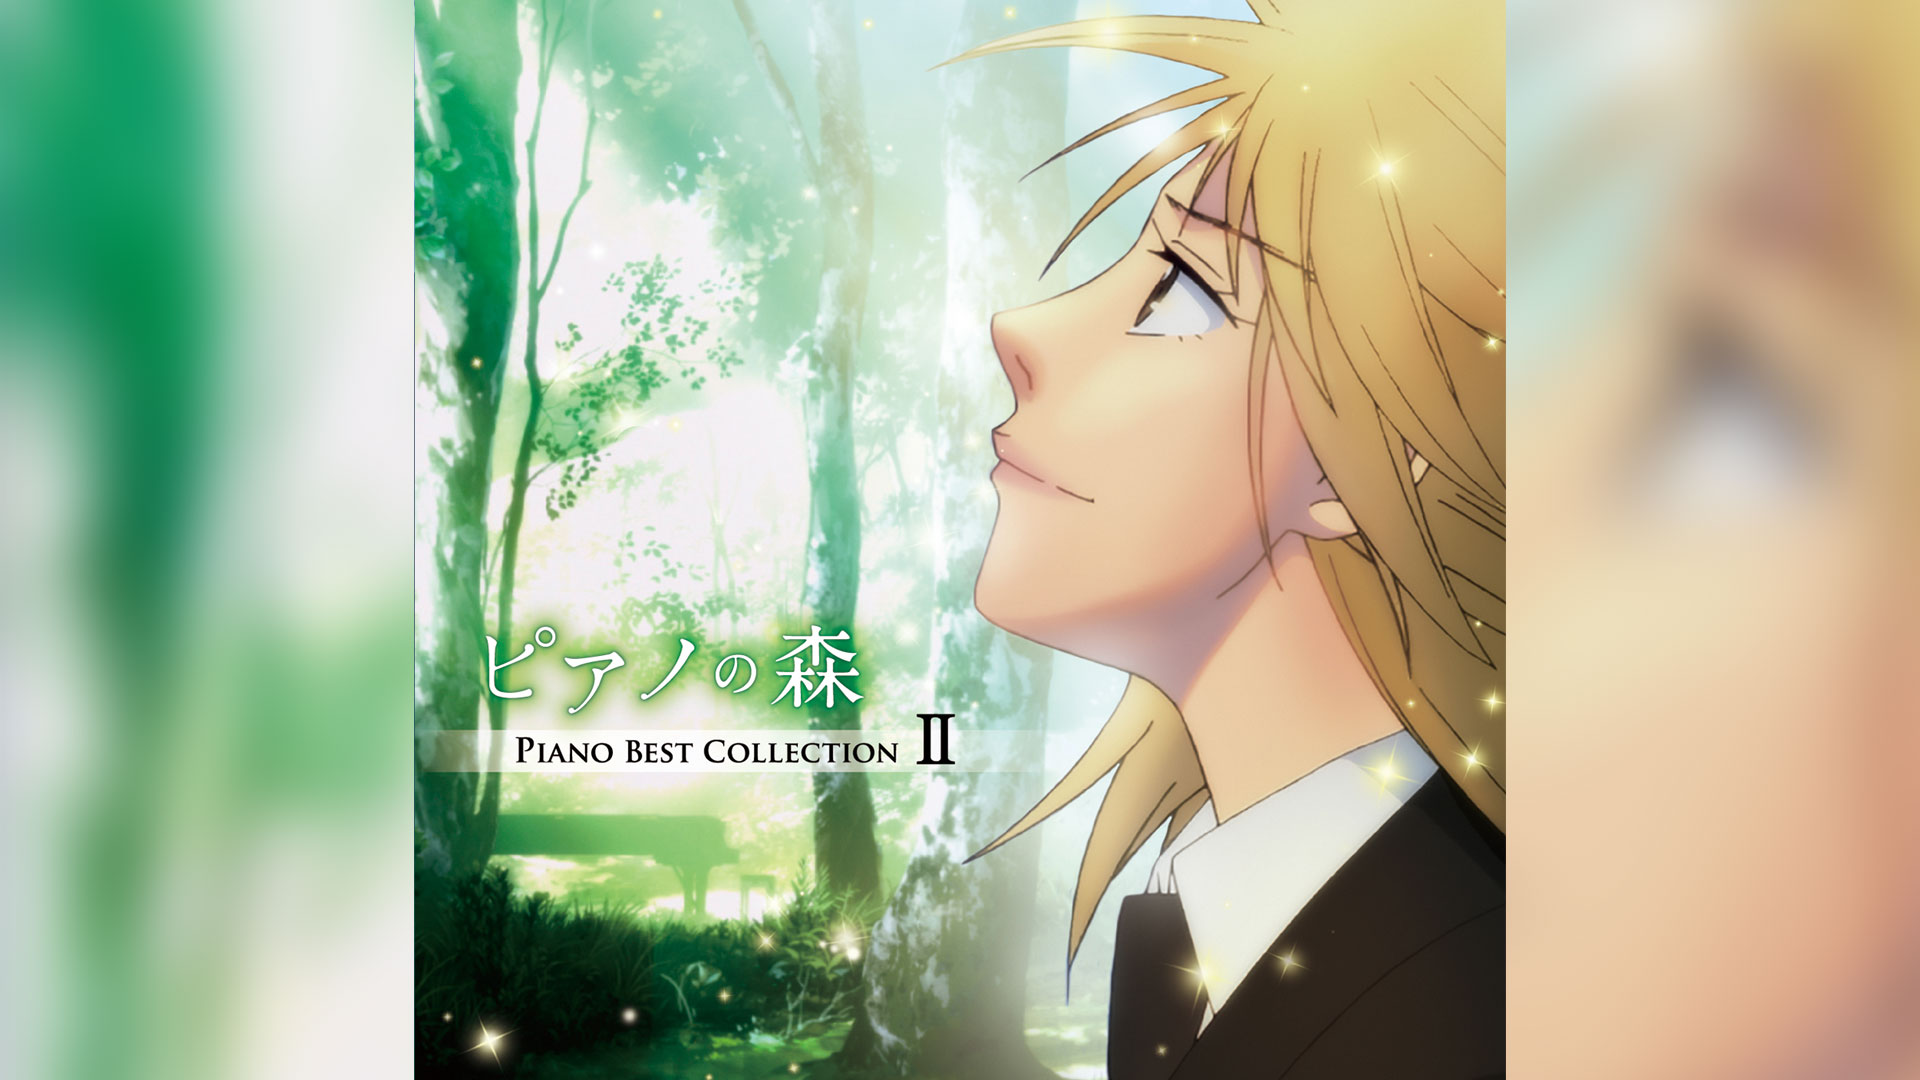 """【収録曲発表「ピアノの森」""""Piano Best CollectionⅡ"""" 】他、新着トレンド4月16日"""